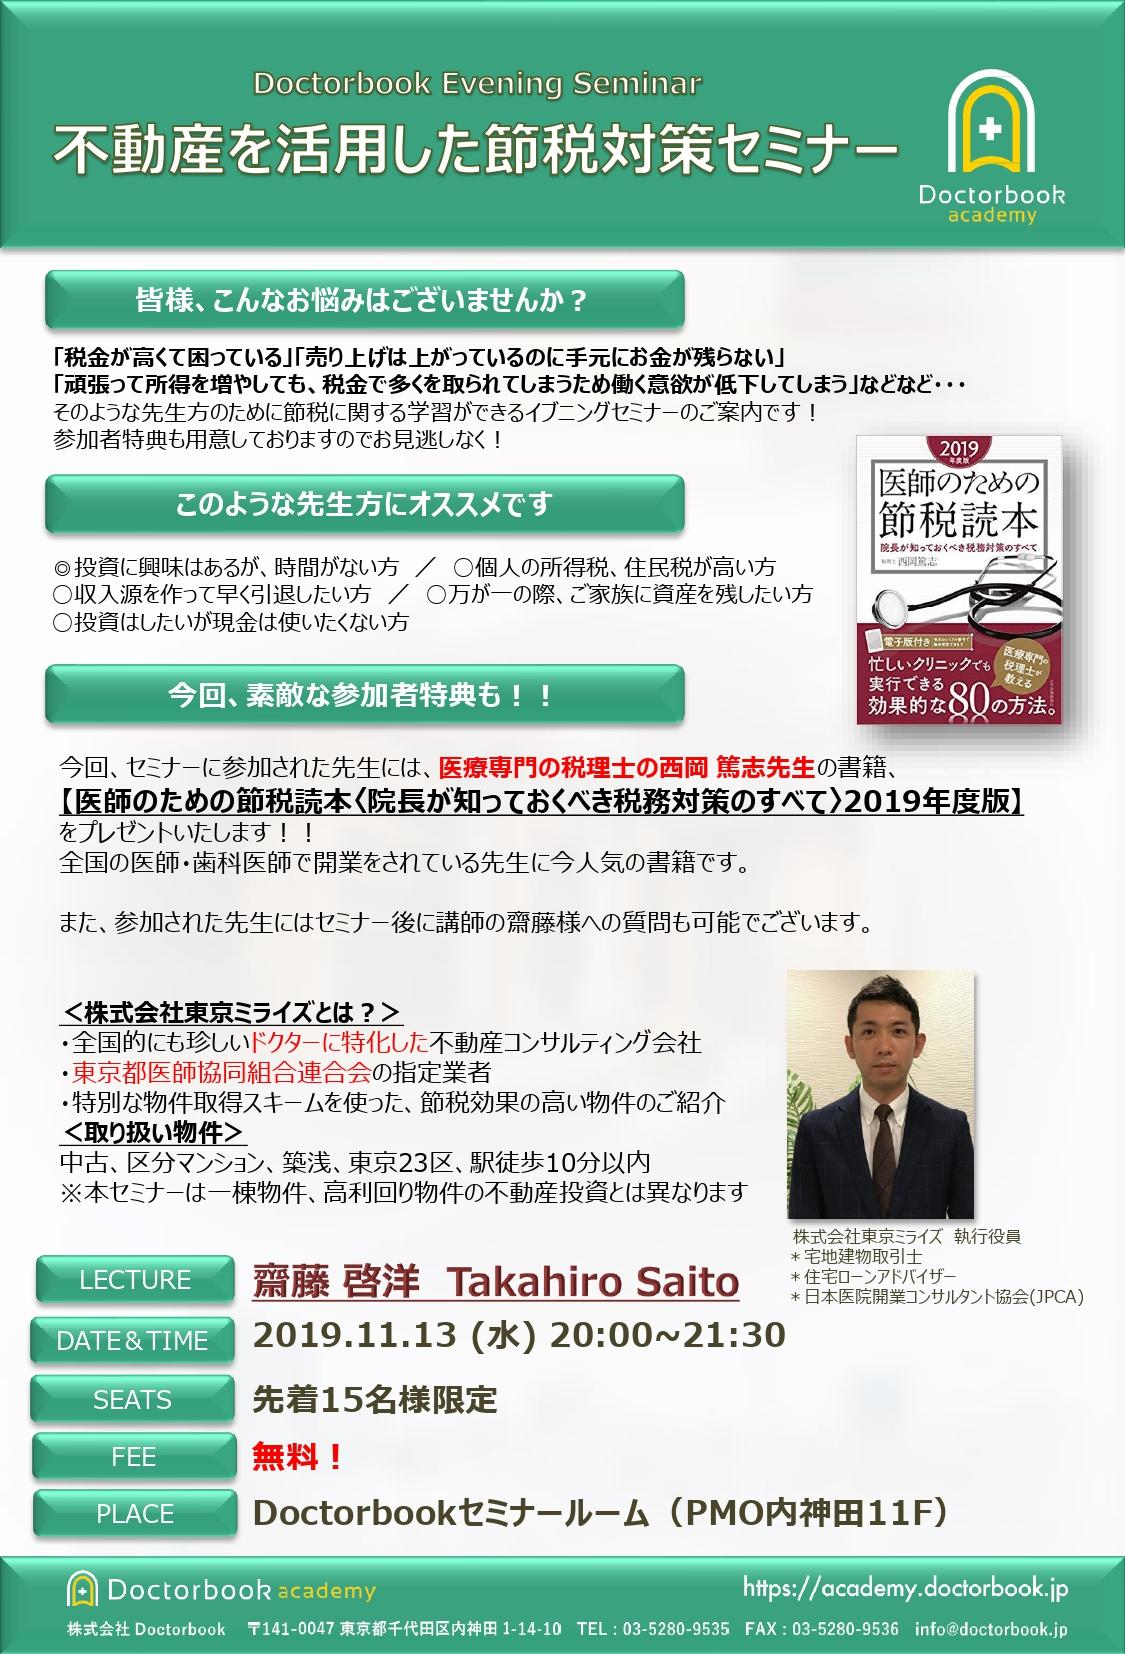 不動産を活用した節税対策セミナー【参加者全員へ節税読本・クオカード贈呈】